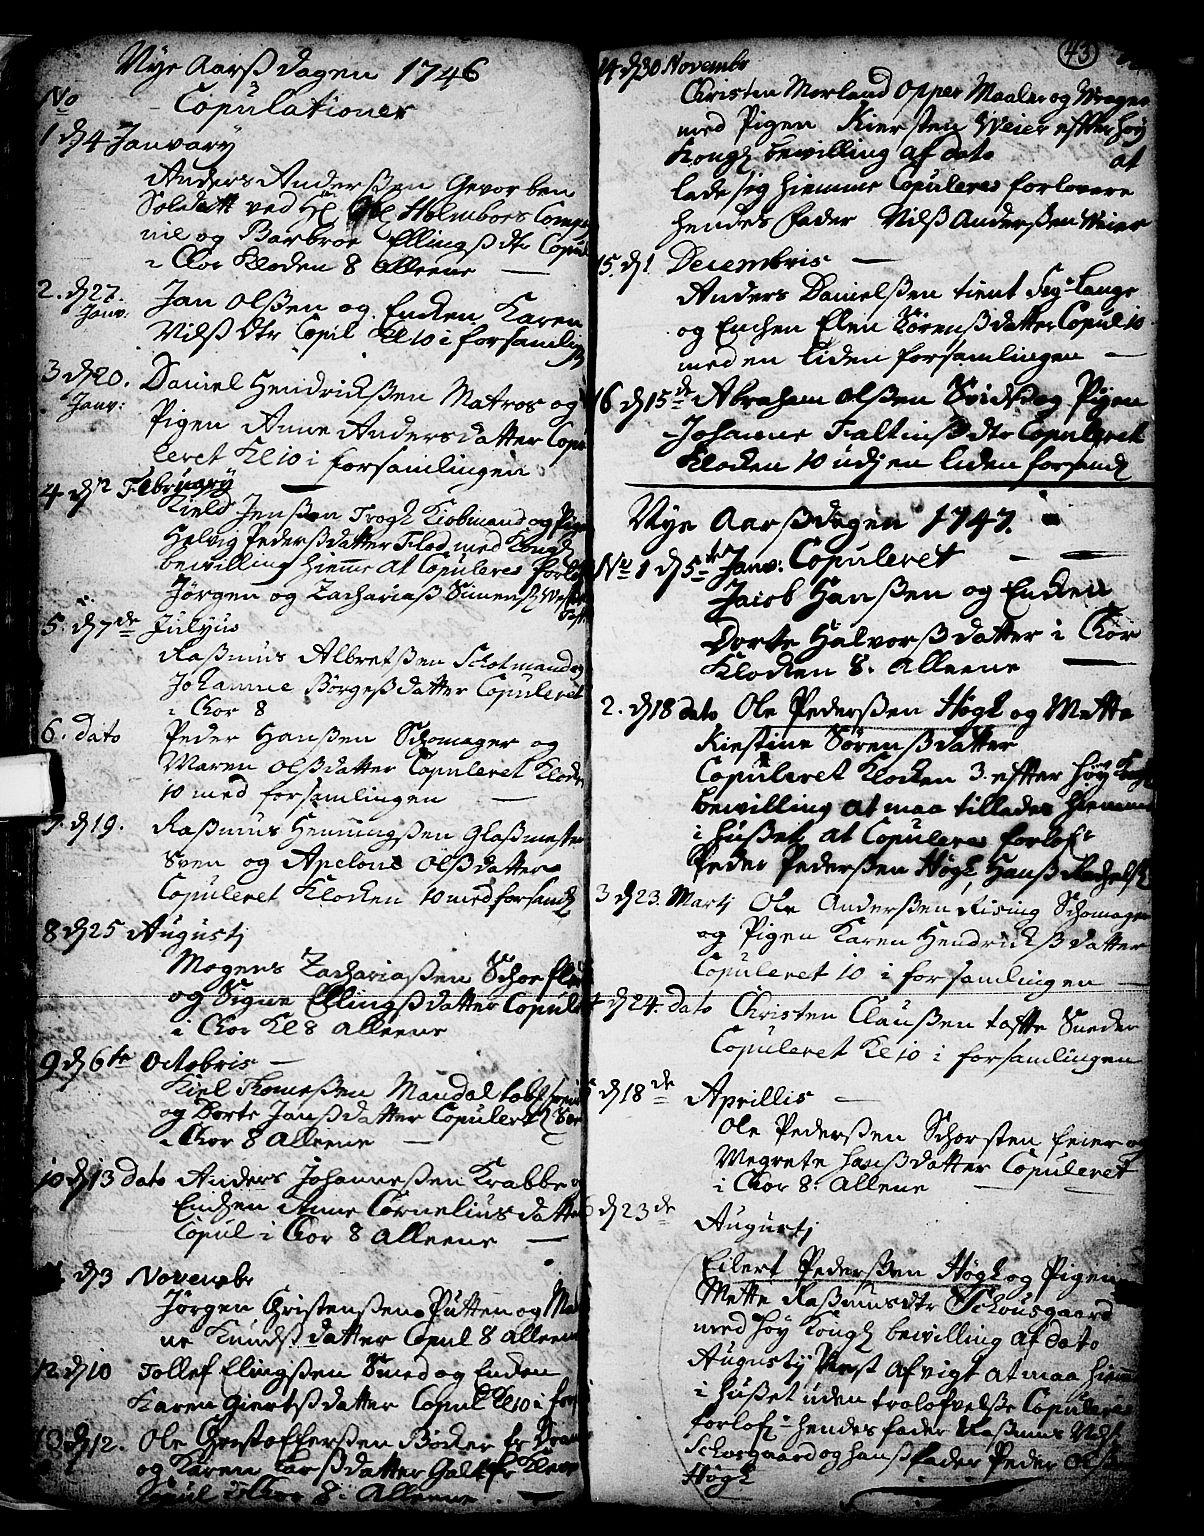 SAKO, Skien kirkebøker, F/Fa/L0002: Ministerialbok nr. 2, 1716-1757, s. 43